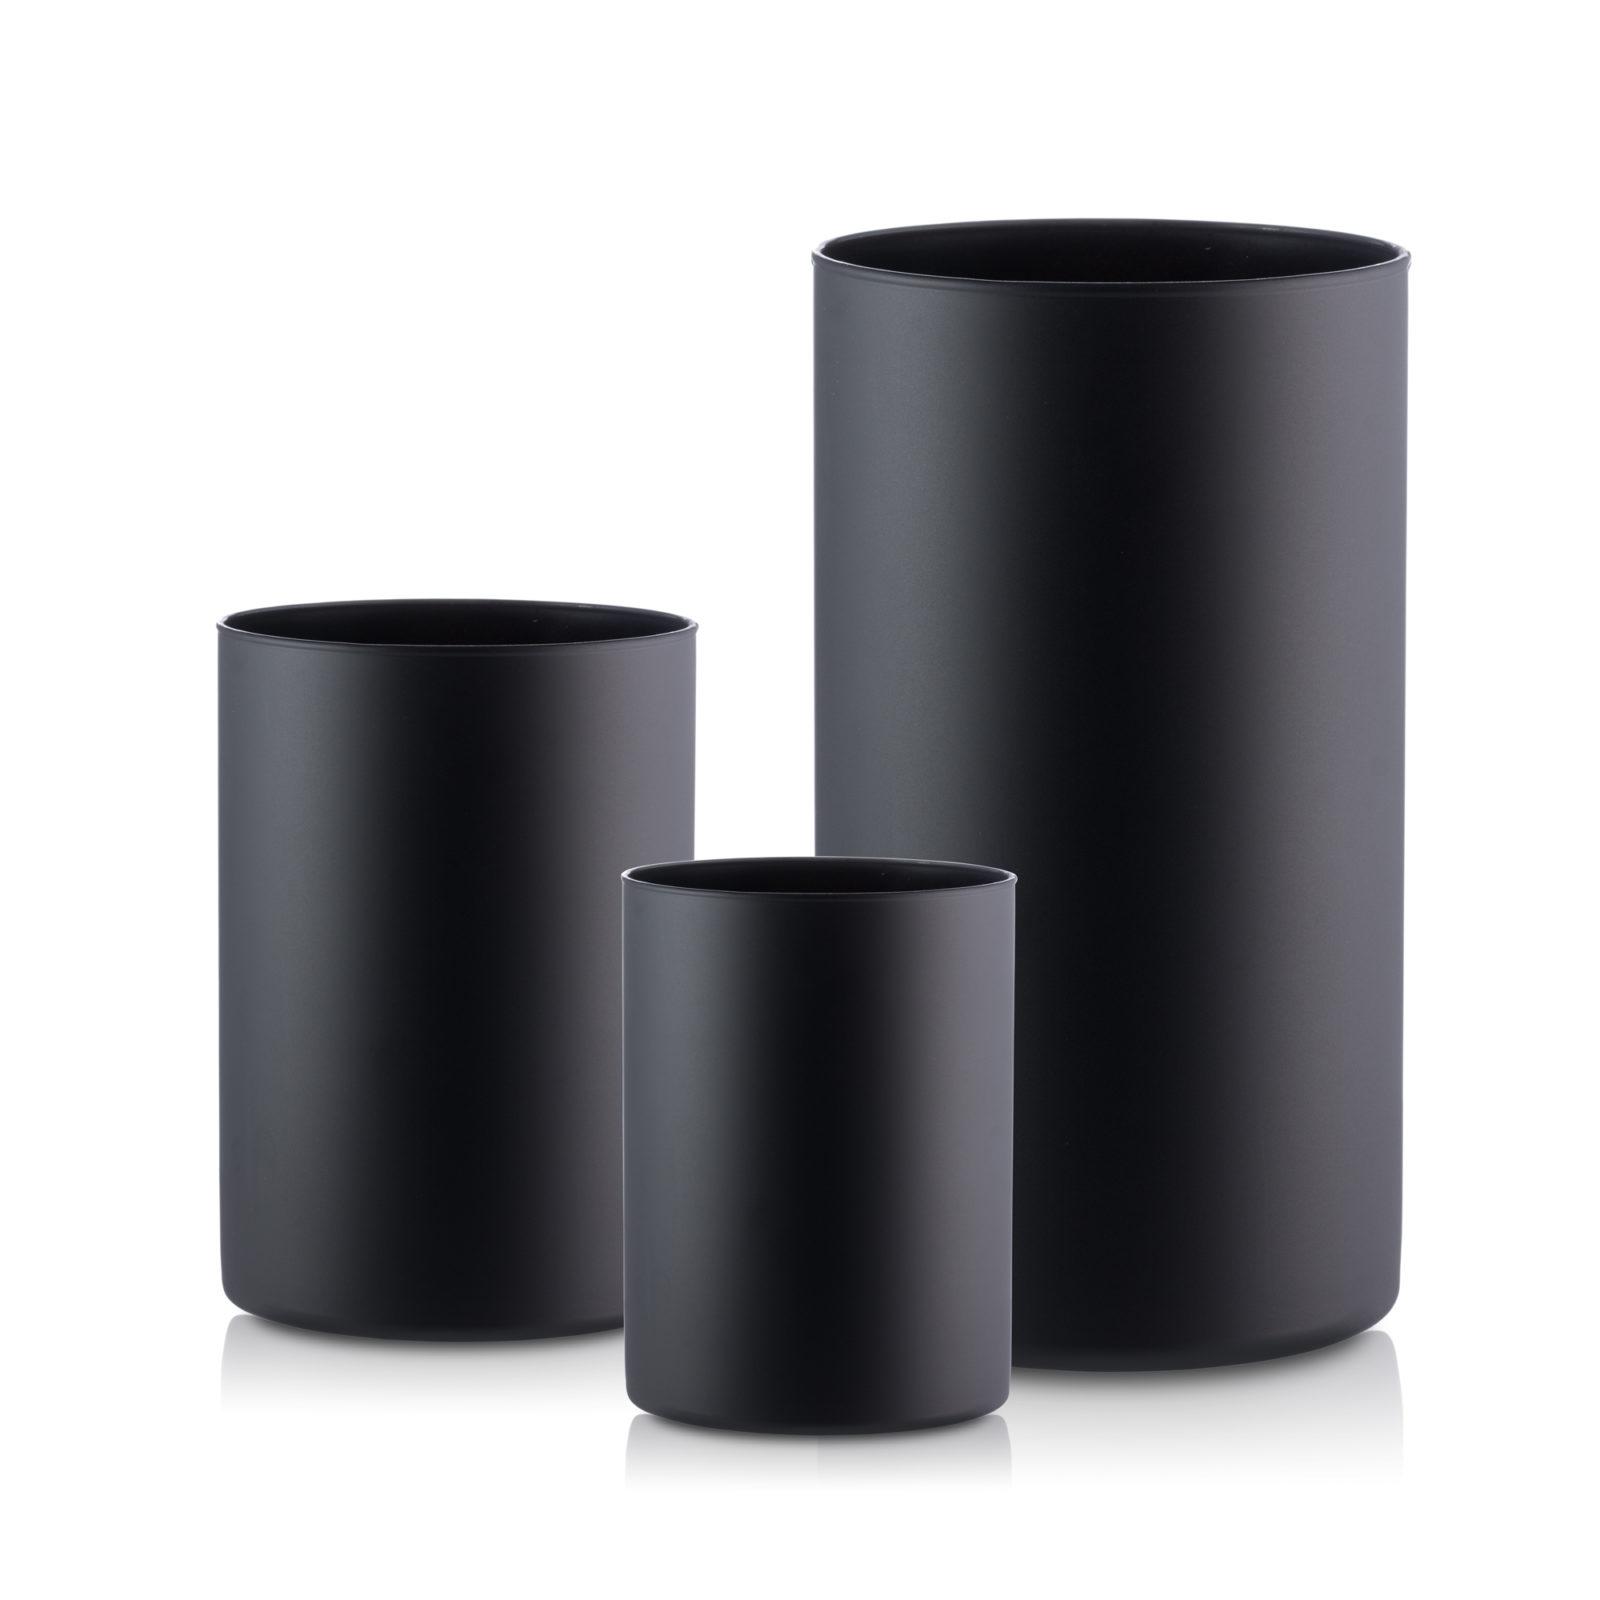 Wazon szklany TUBA 30-21-15-kpl 3szt czarny mat